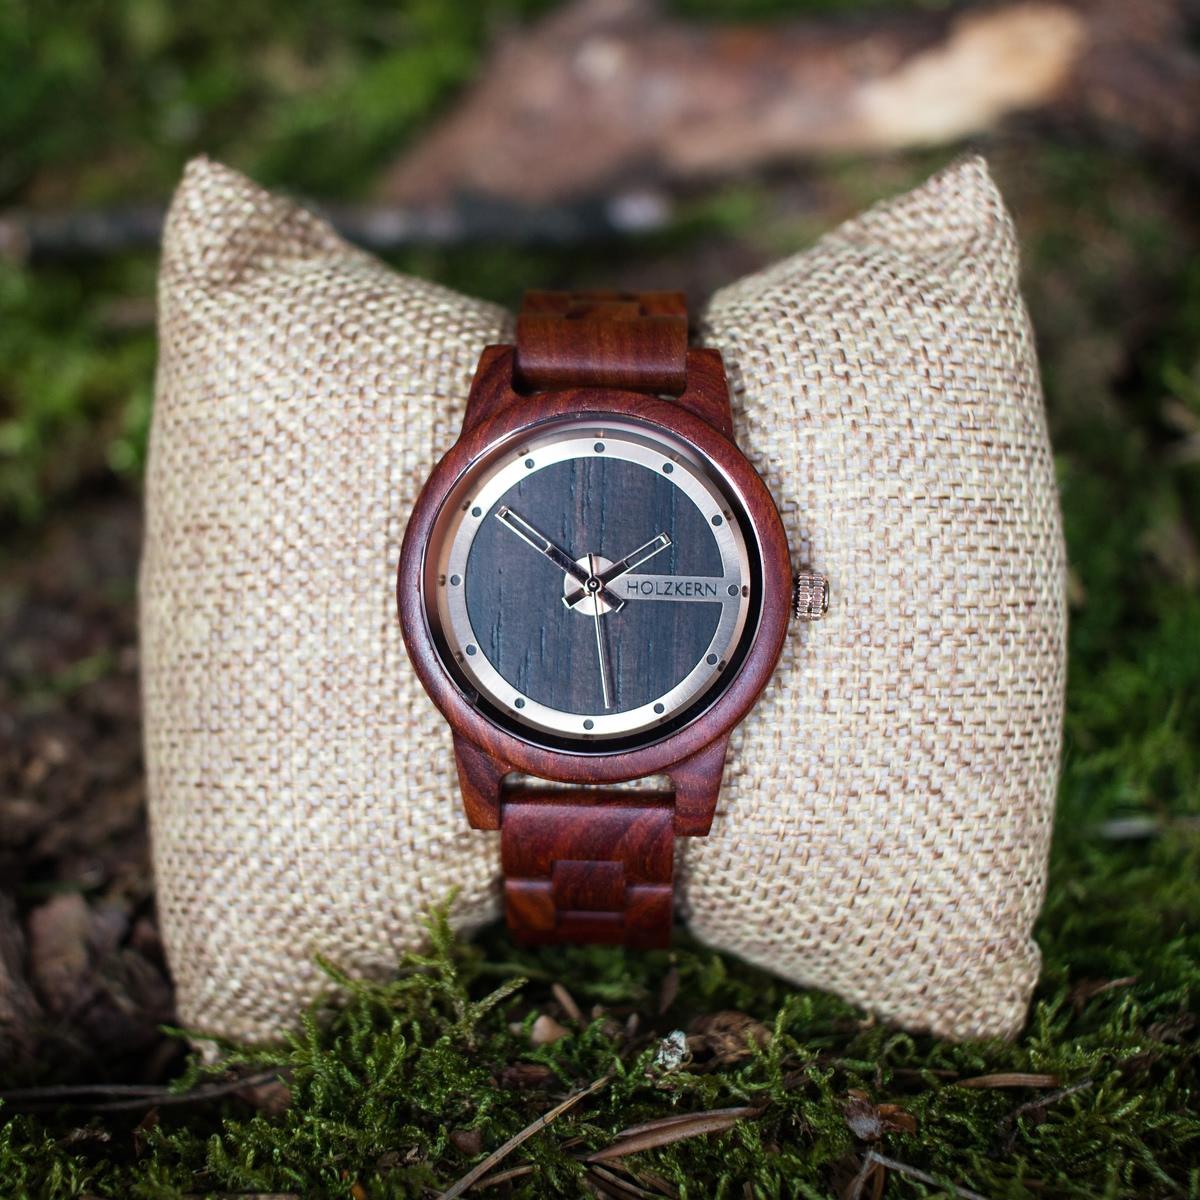 Holzkern Holzuhr Fuji für Damen am Uhrenpolster im Wald